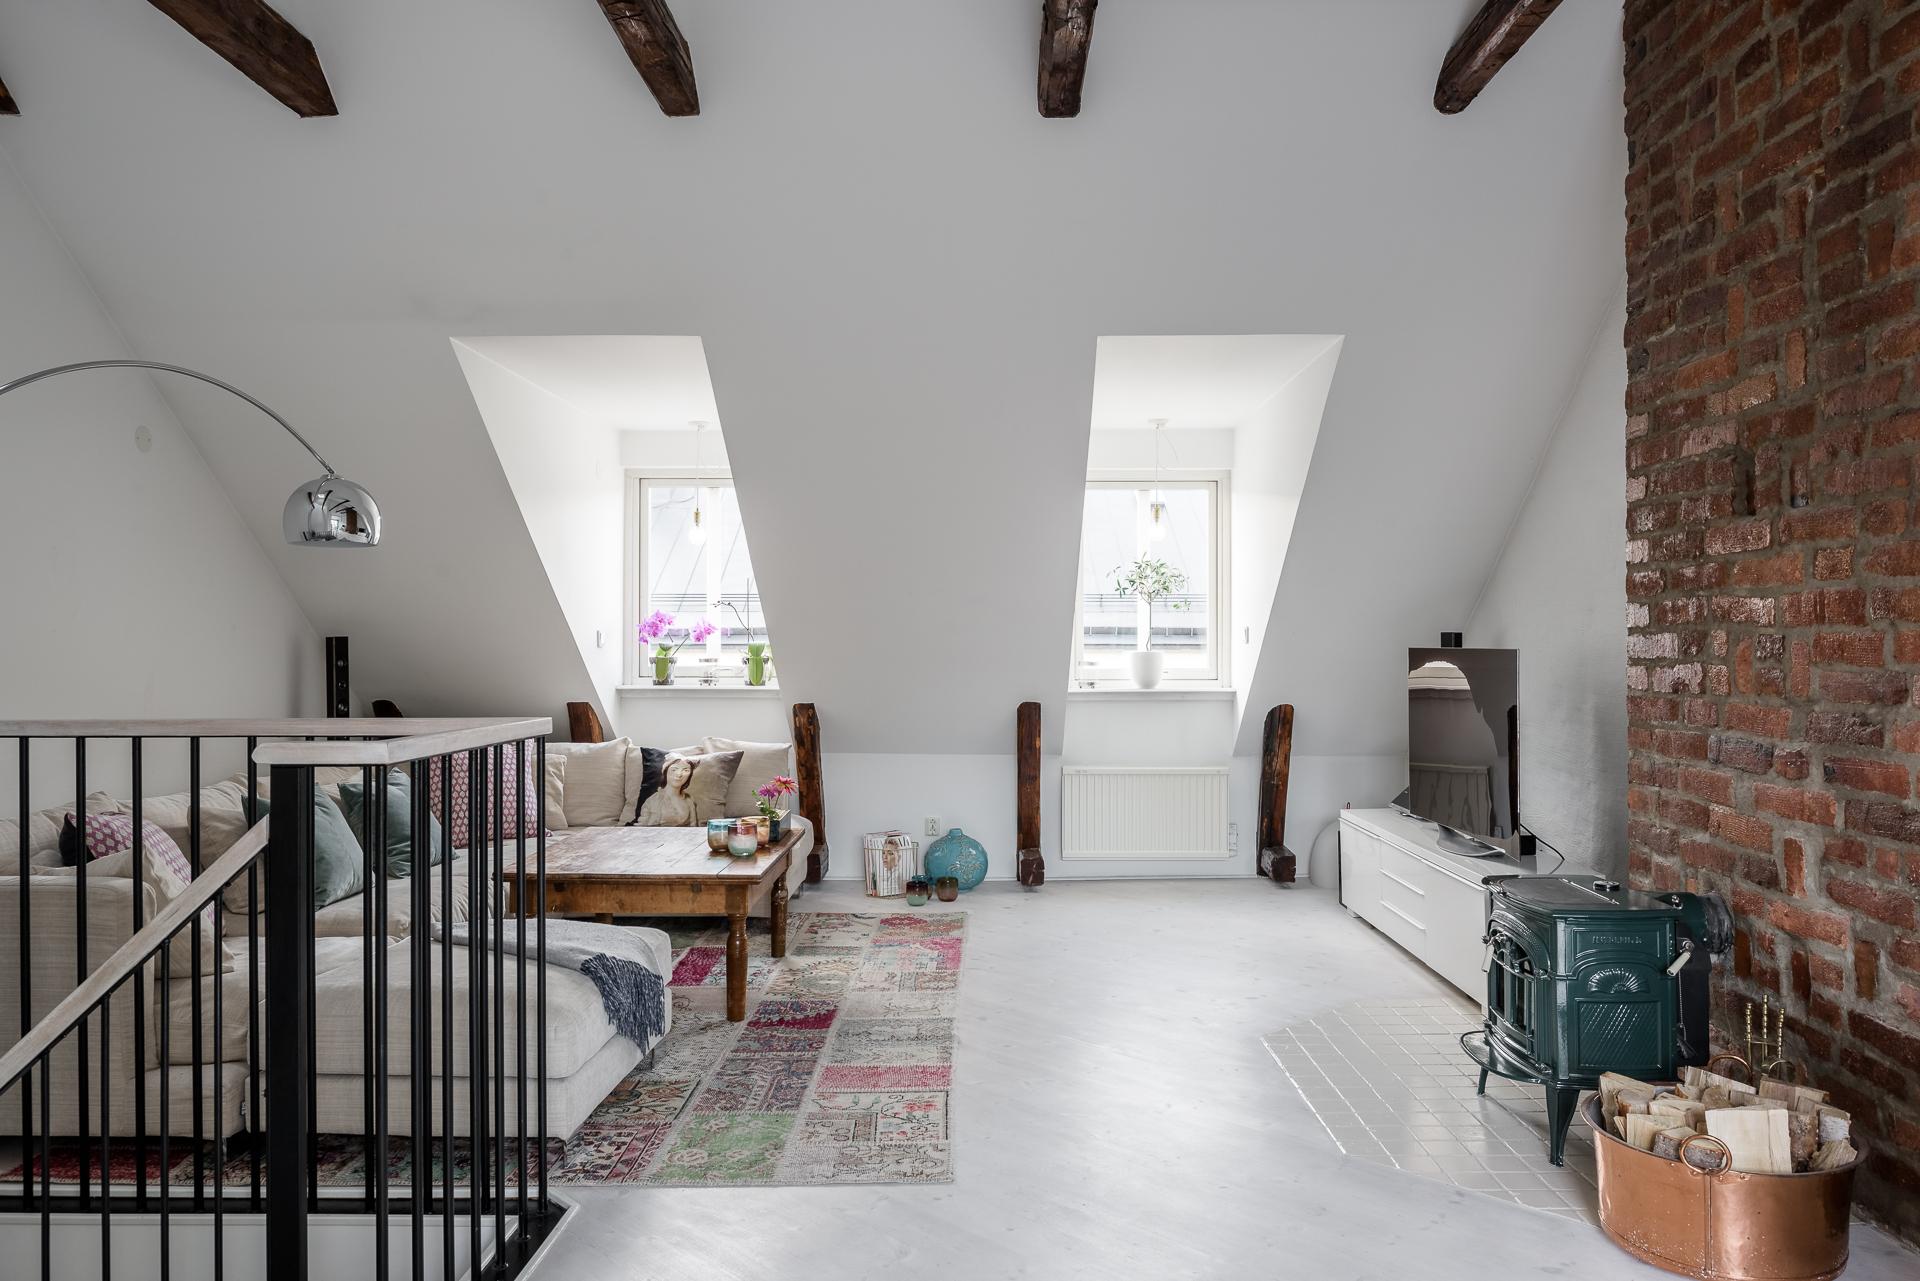 мансарда комната окна лестница диван подушки